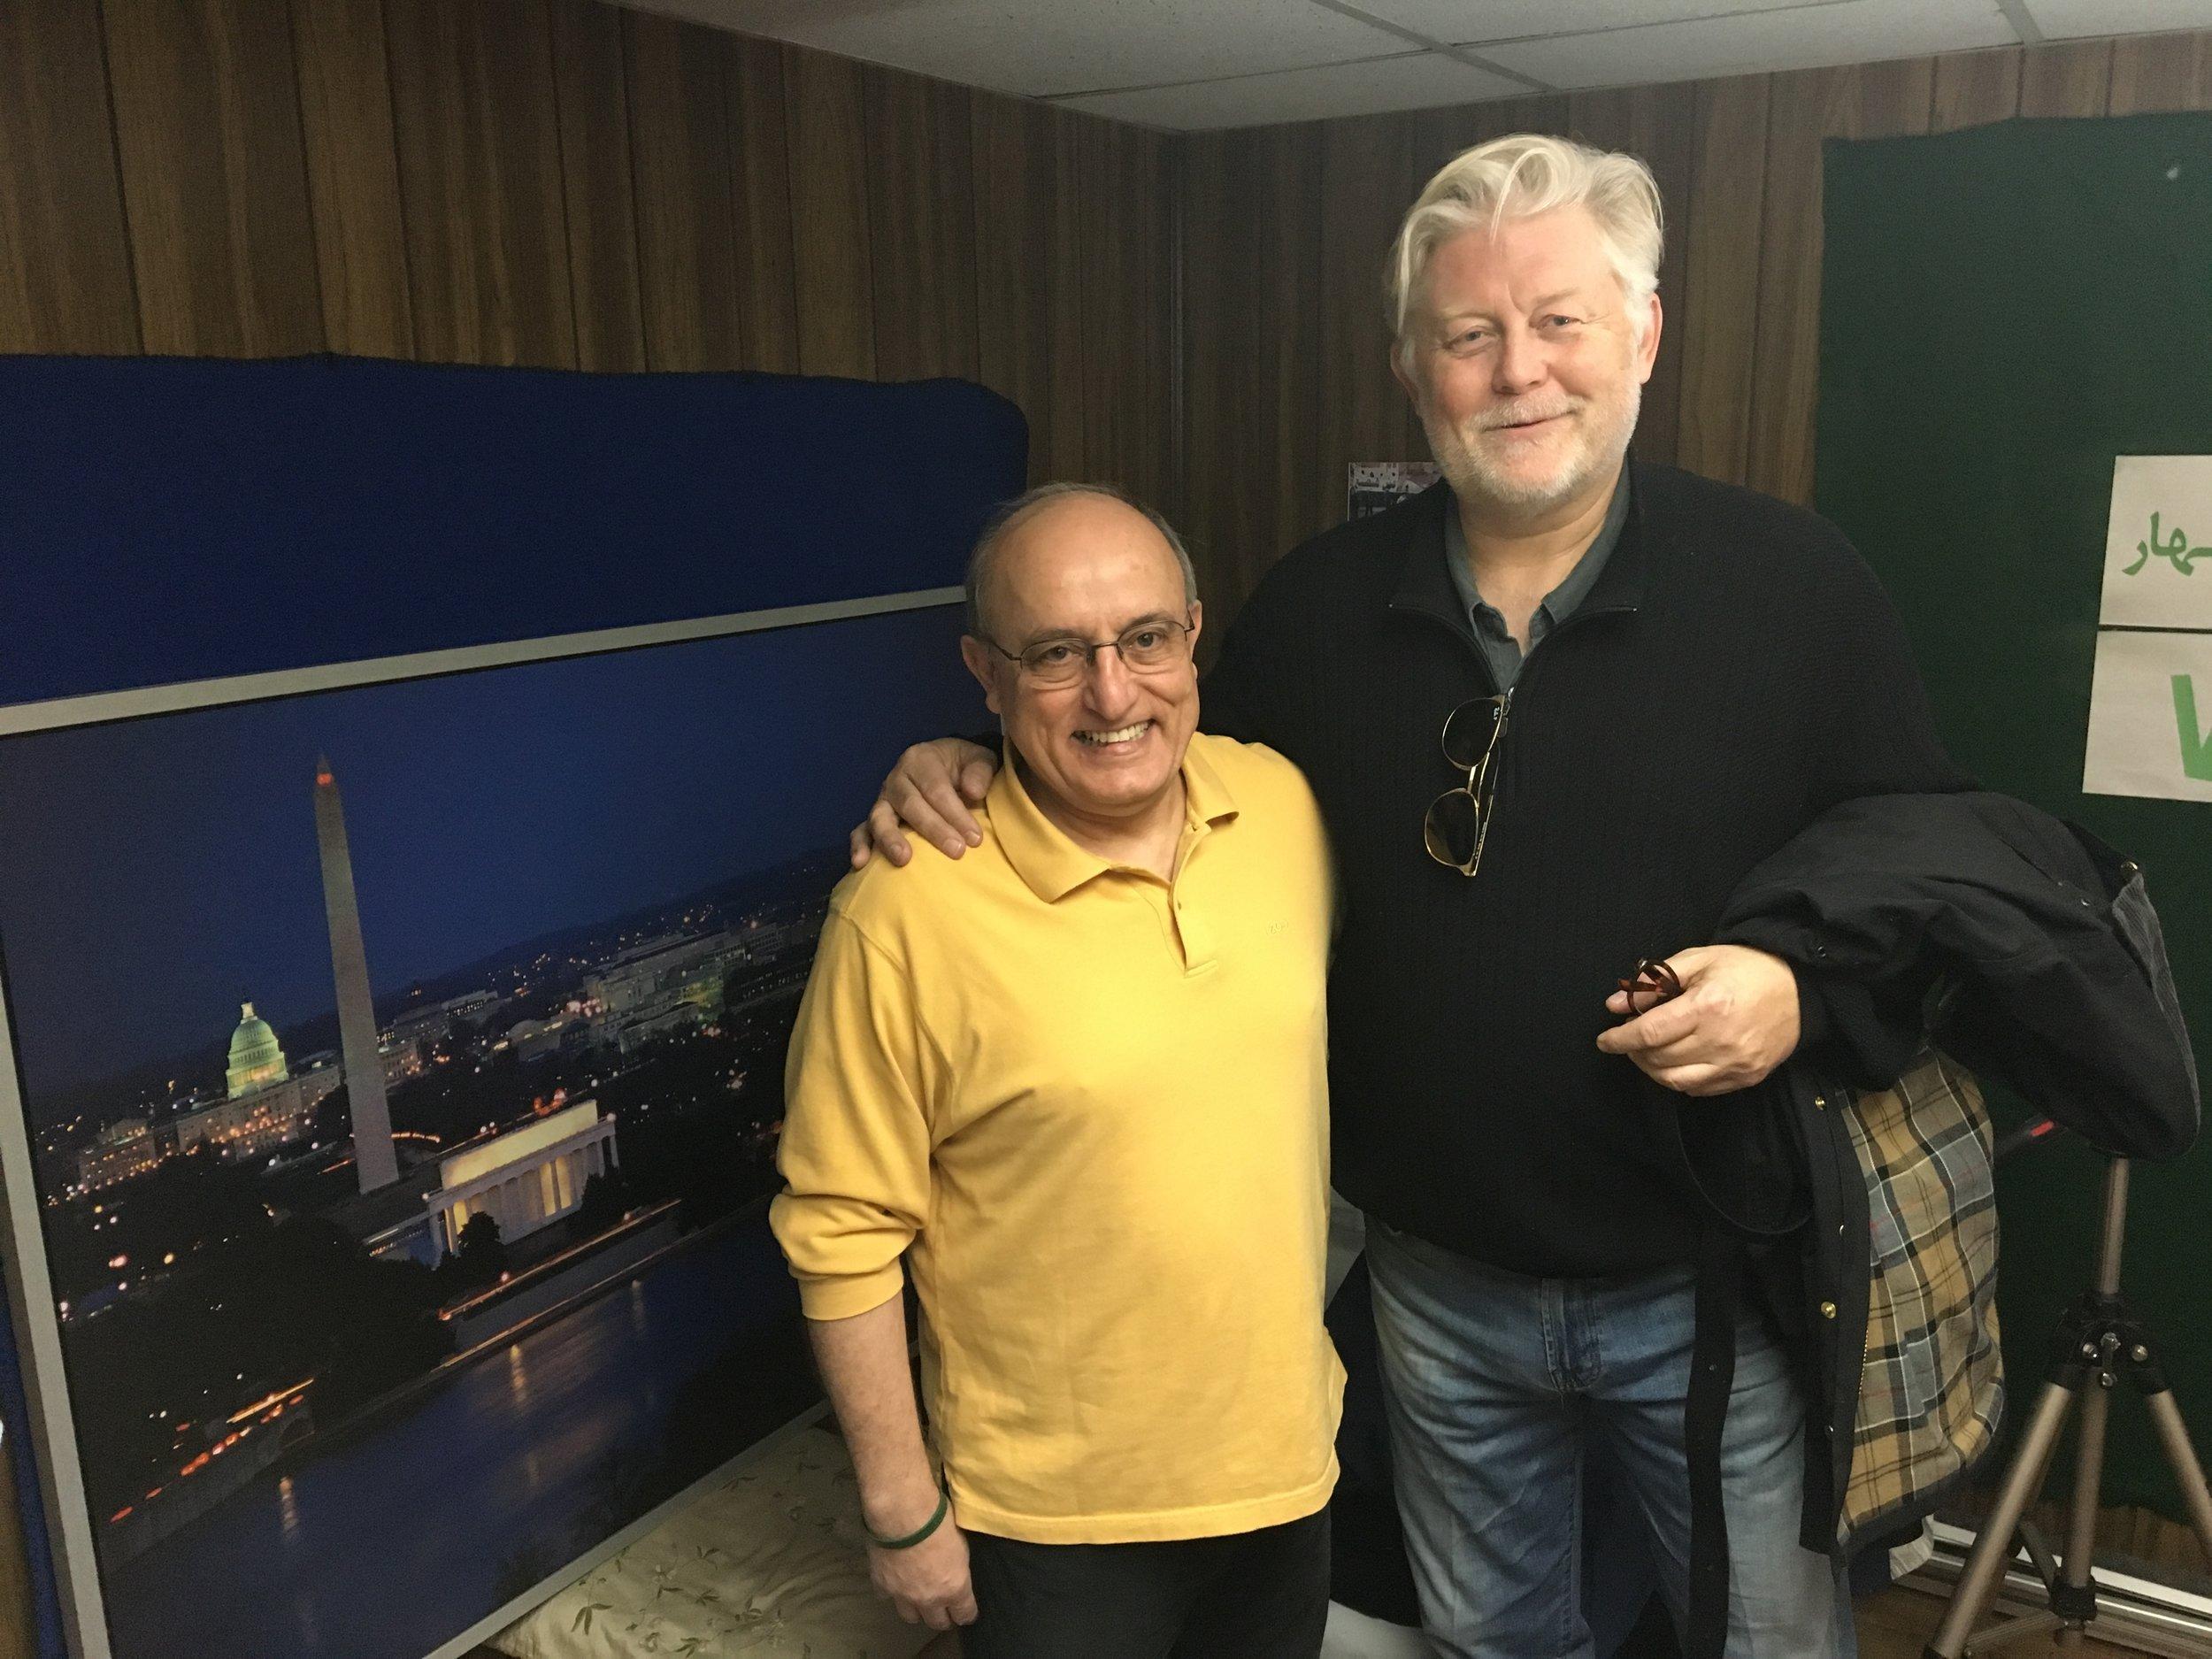 McKay Daines directing Mohsen Sazegara, Iranian Journalist, for True Iran documentary